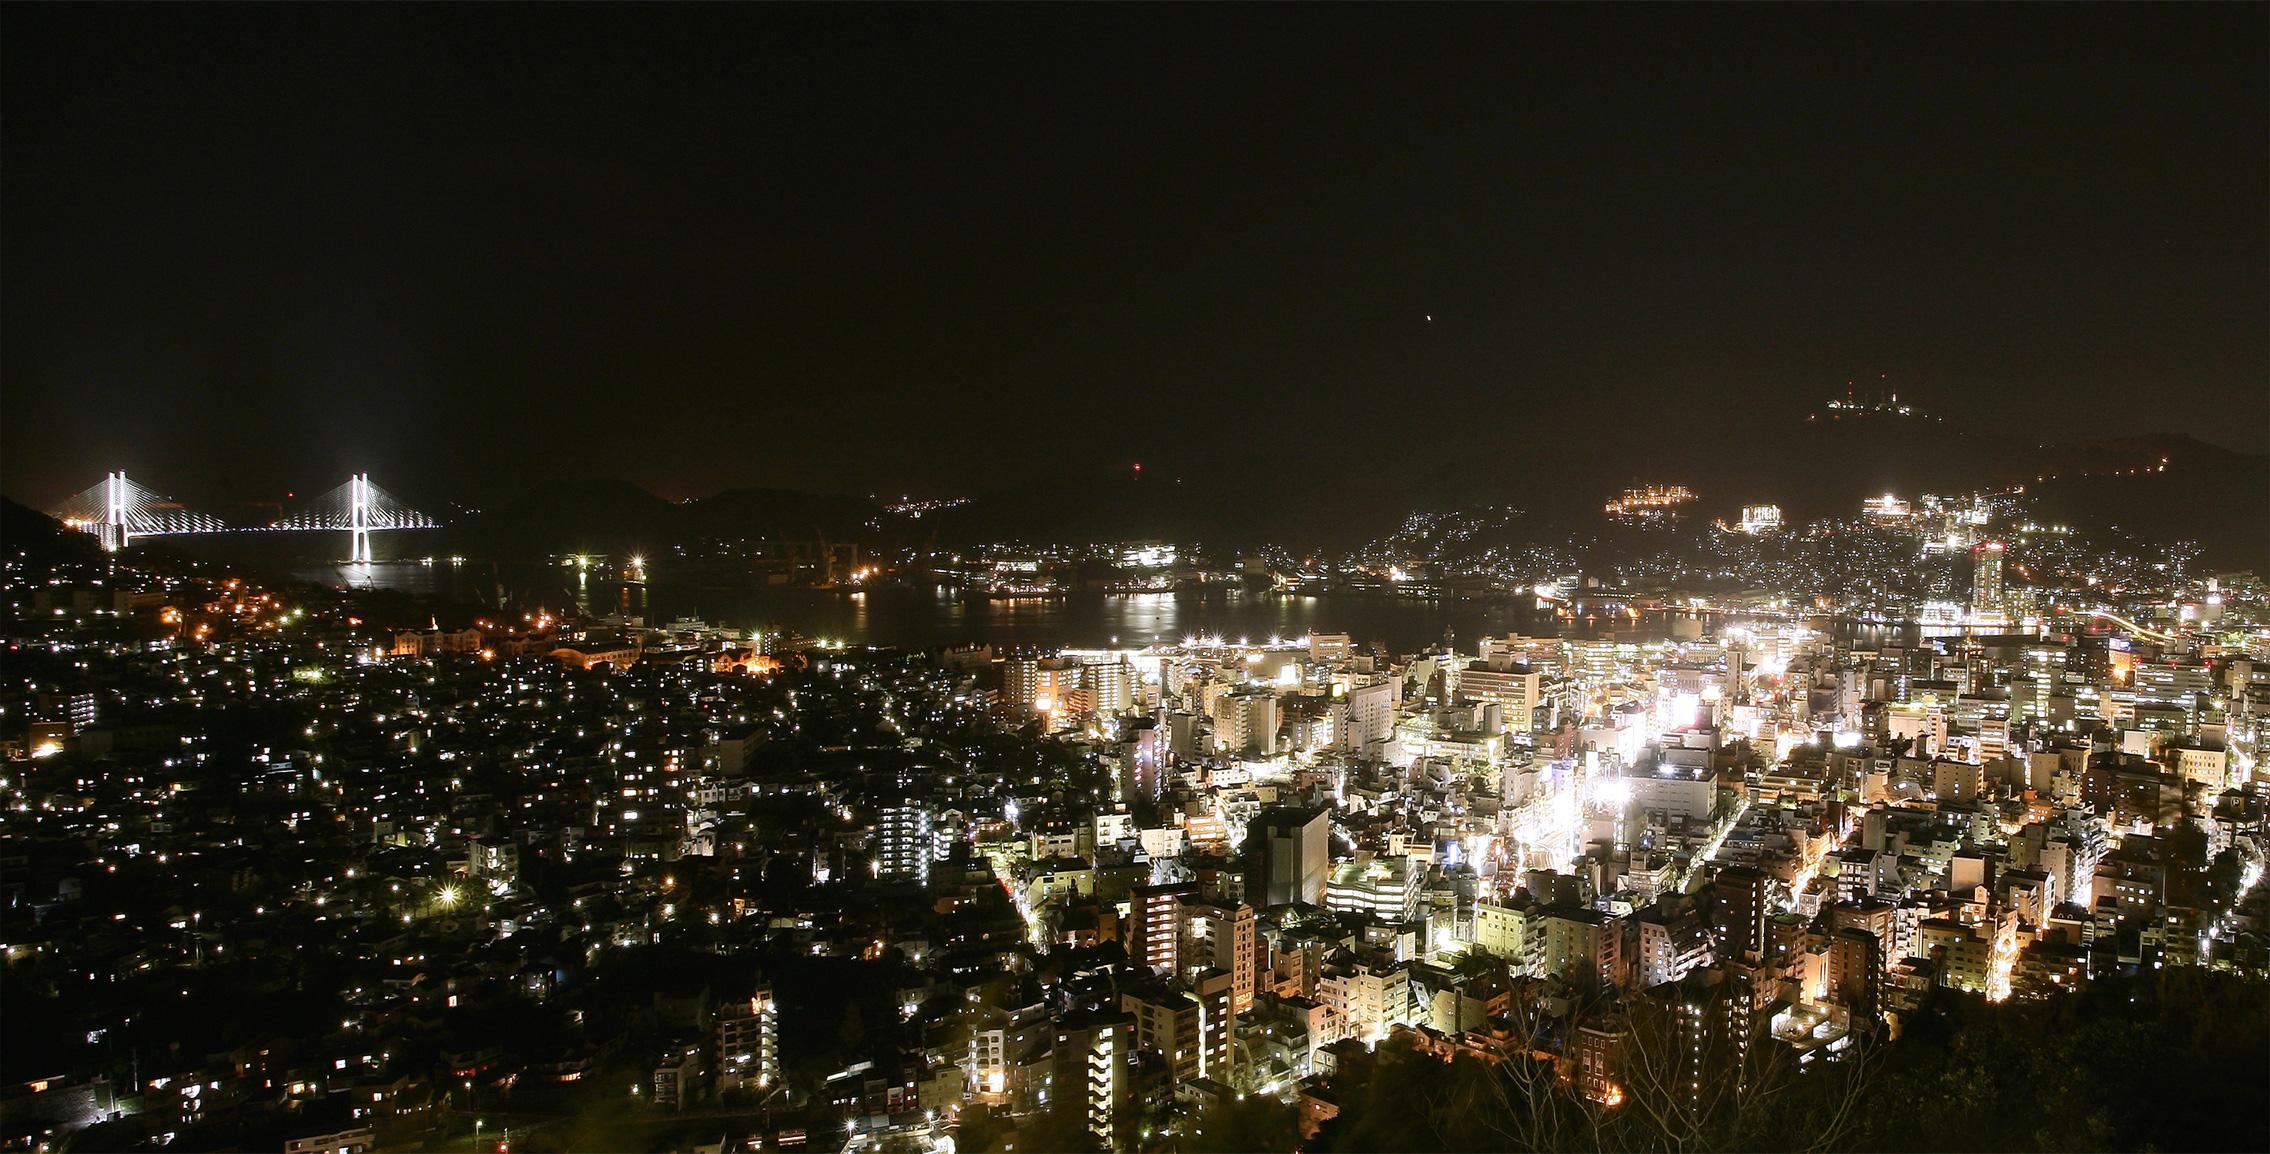 ホテルからの夜景イメージ